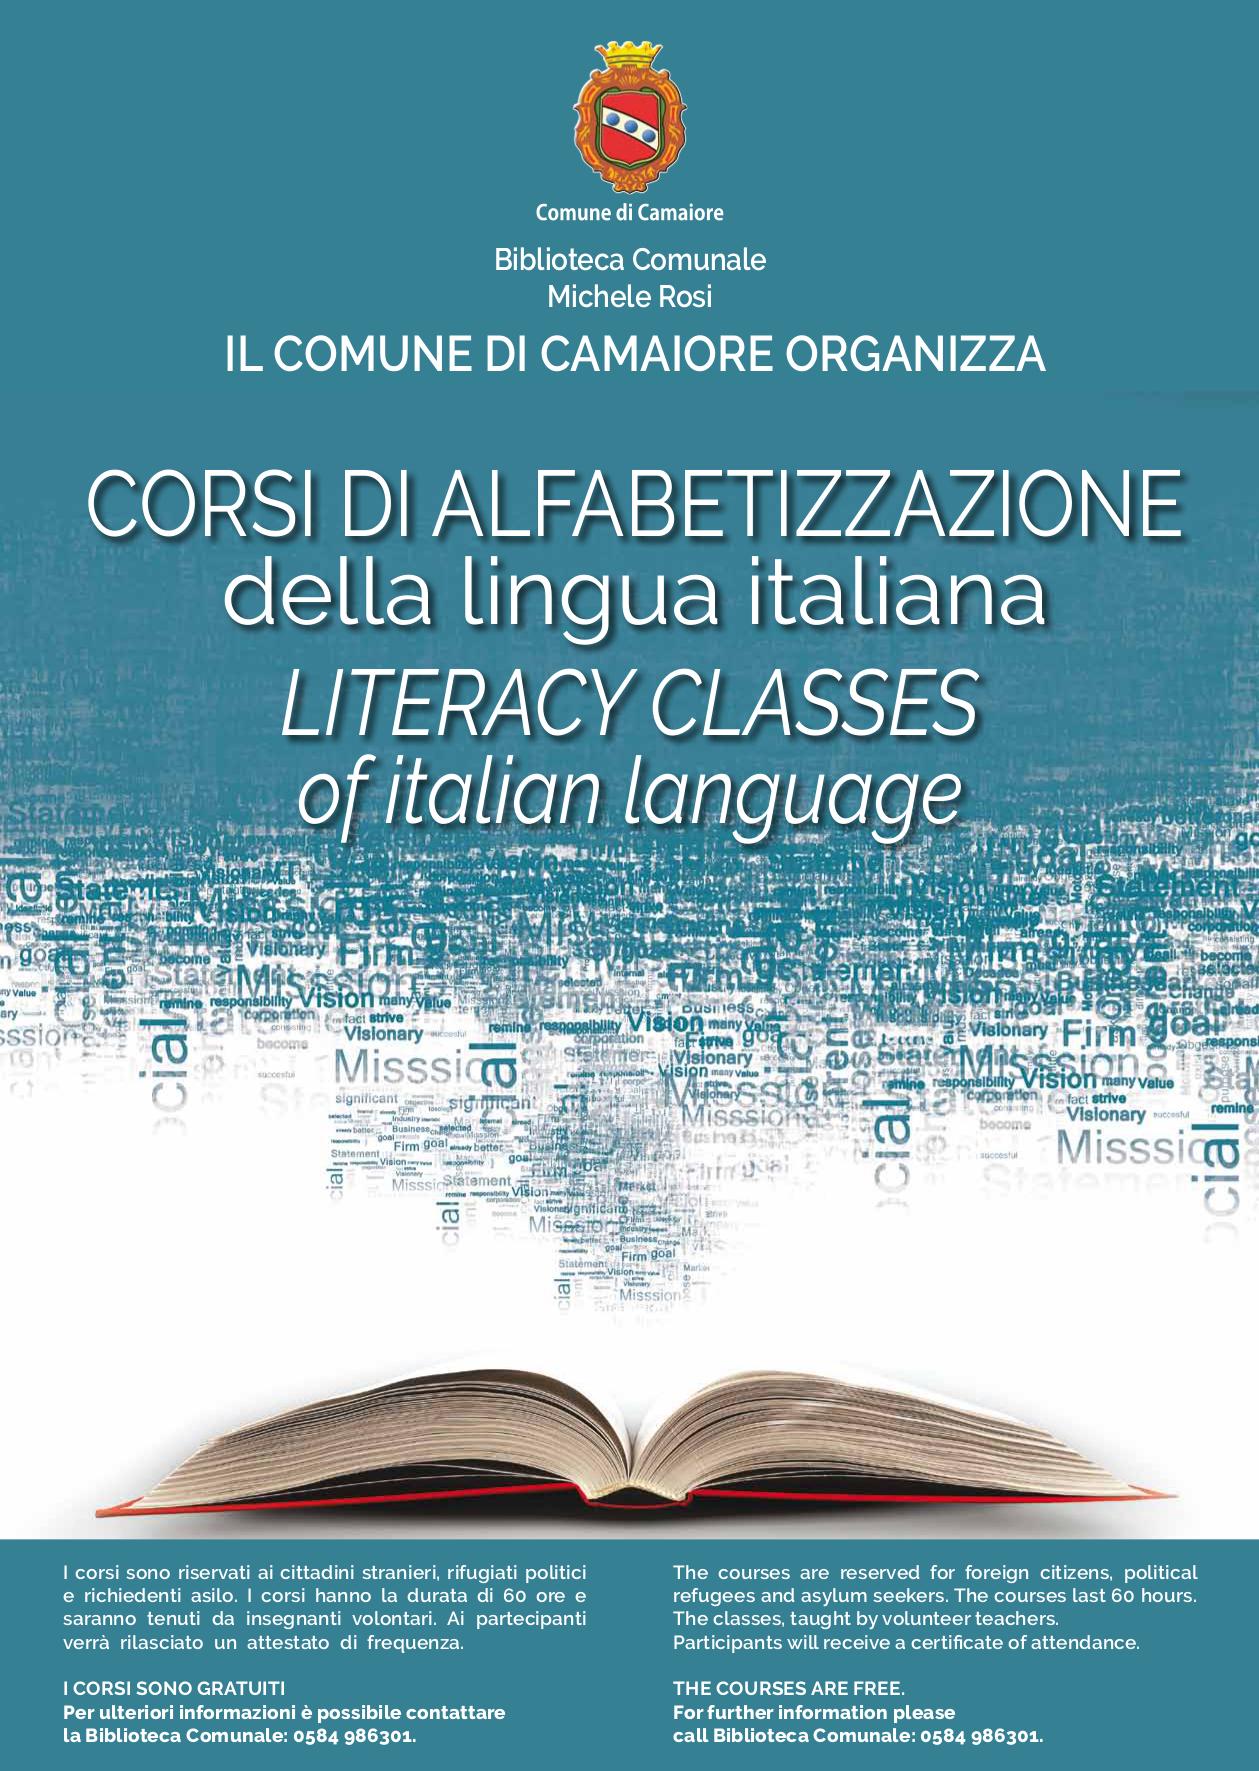 Corsi di alfabetizzazione per la lingua italiana anno 2018/19